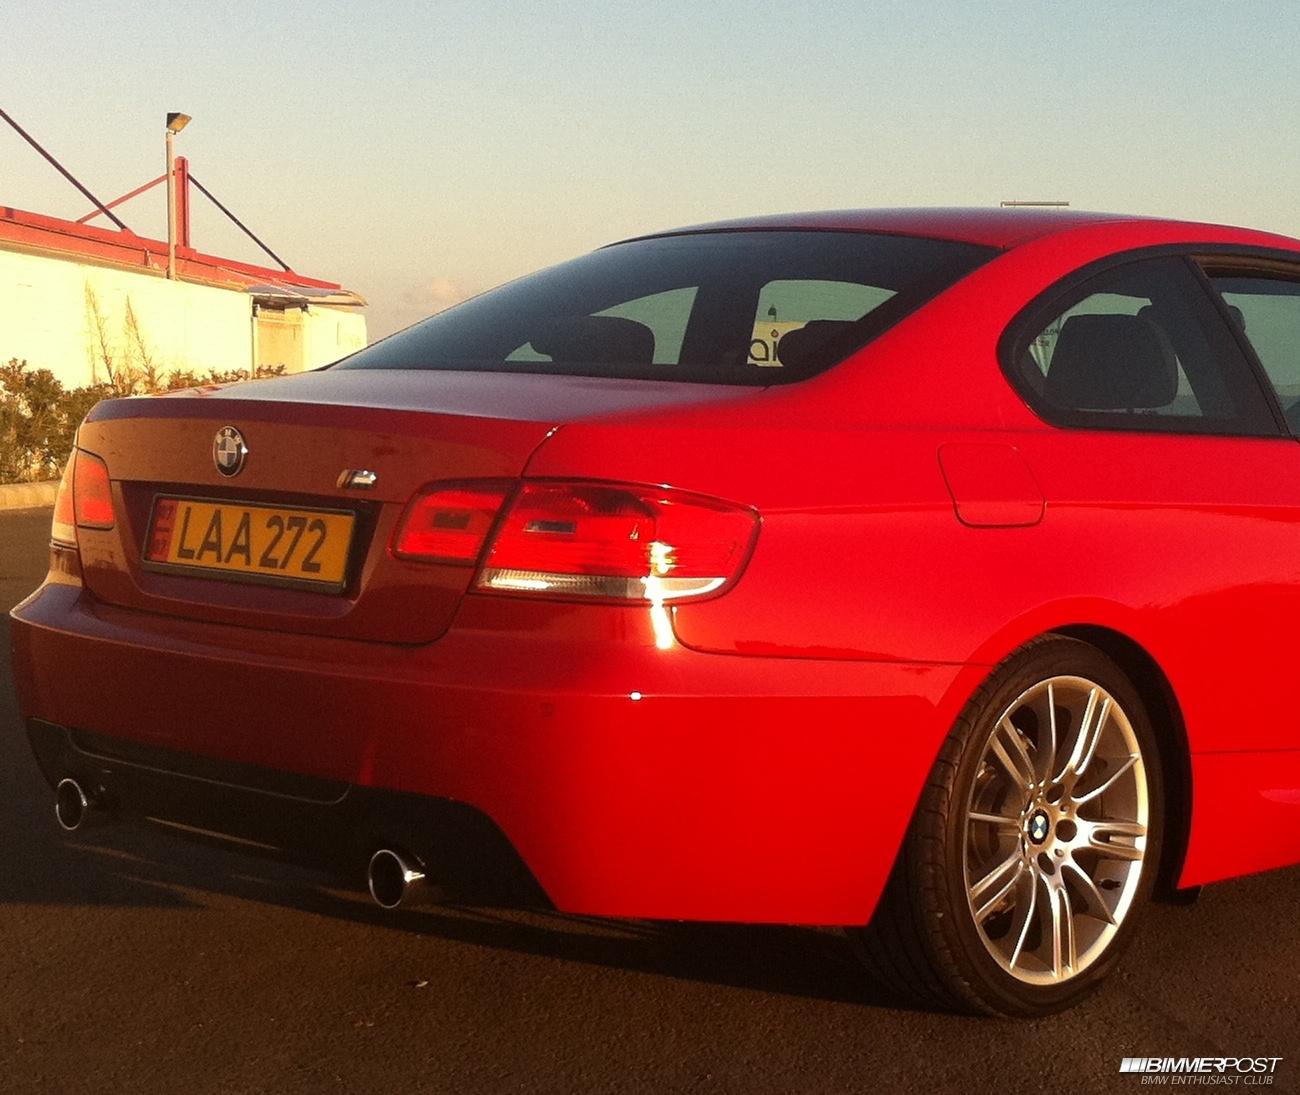 2015 Bmw I8 Transmission: Chrisbmwcy's 2007/7 BMW E92